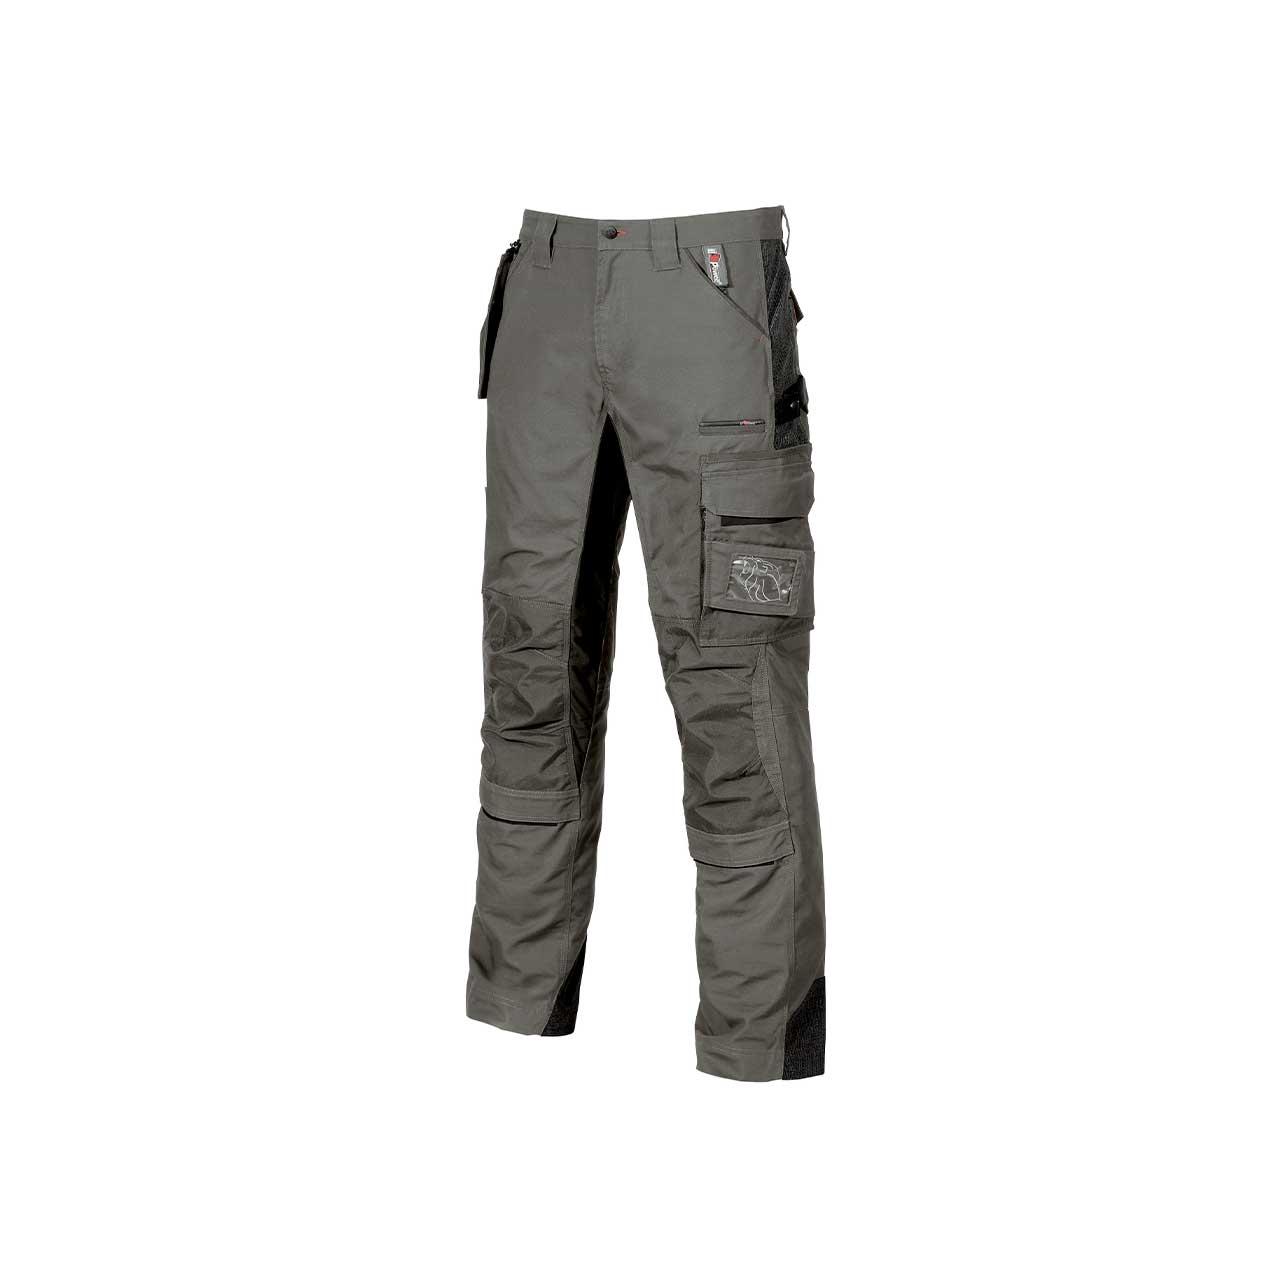 pantalone da lavoro upower modello race colore stone grey